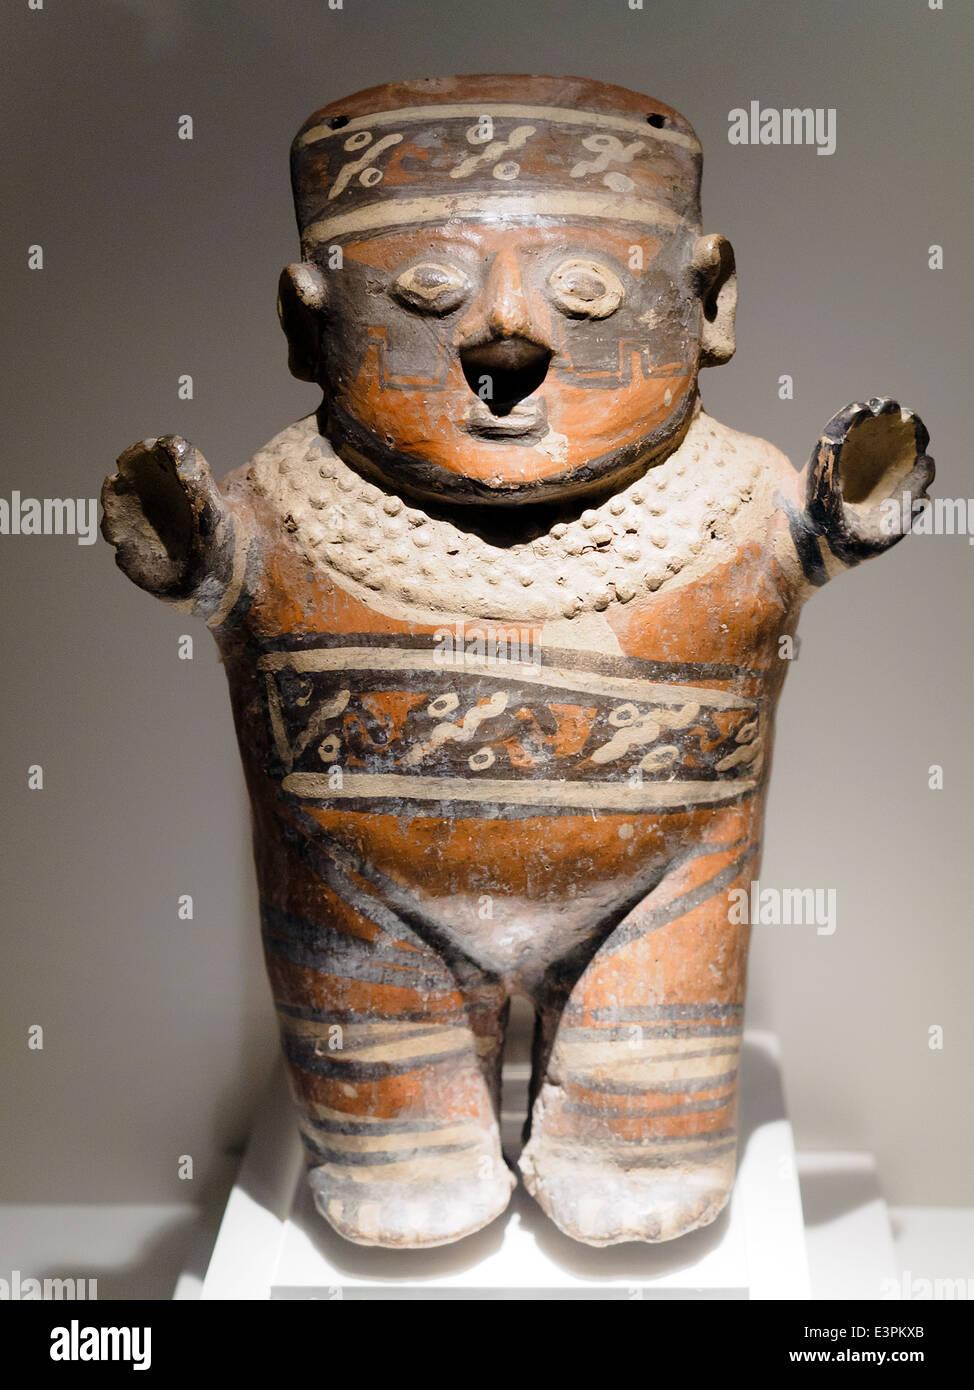 Sculptural Anthropomorphic representation Huari Transitional Period 800 -1300 AD Museo de Arte Precolombino, Cusco - Stock Image